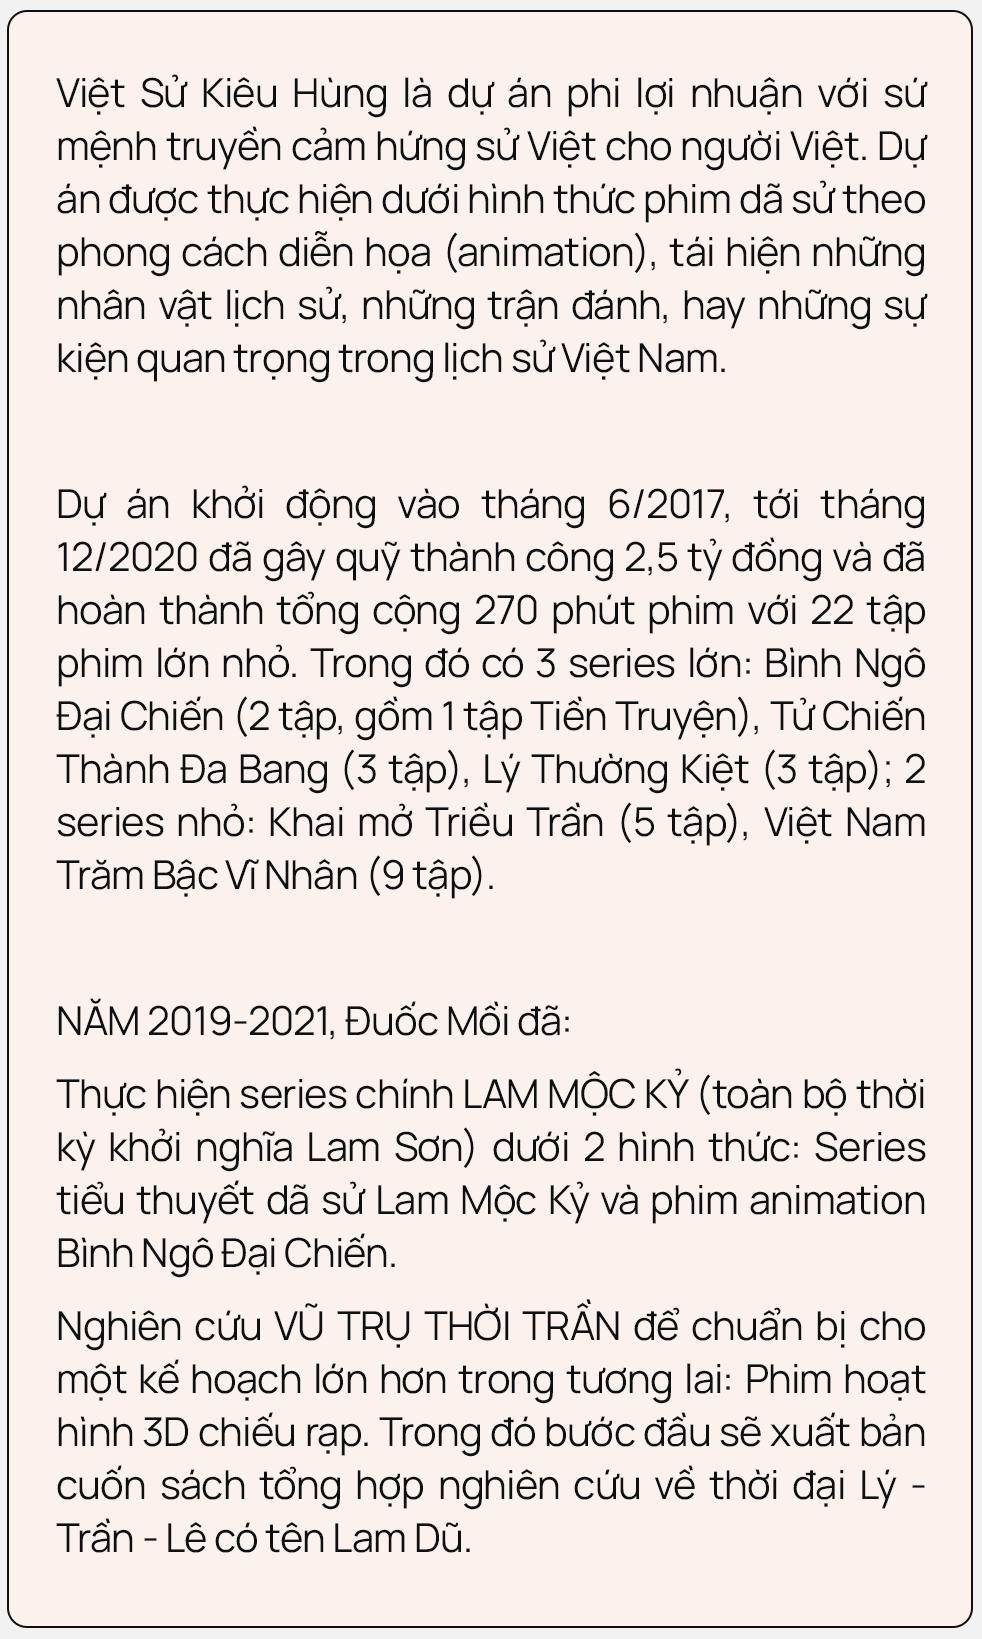 """Nhóm Đuốc Mồi và Việt sử kiêu hùng: """"Nói giới trẻ quay lưng với lịch sử là không đúng, thành công của Bình Ngô Đại Chiến chính là minh chứng"""" - Ảnh 2."""